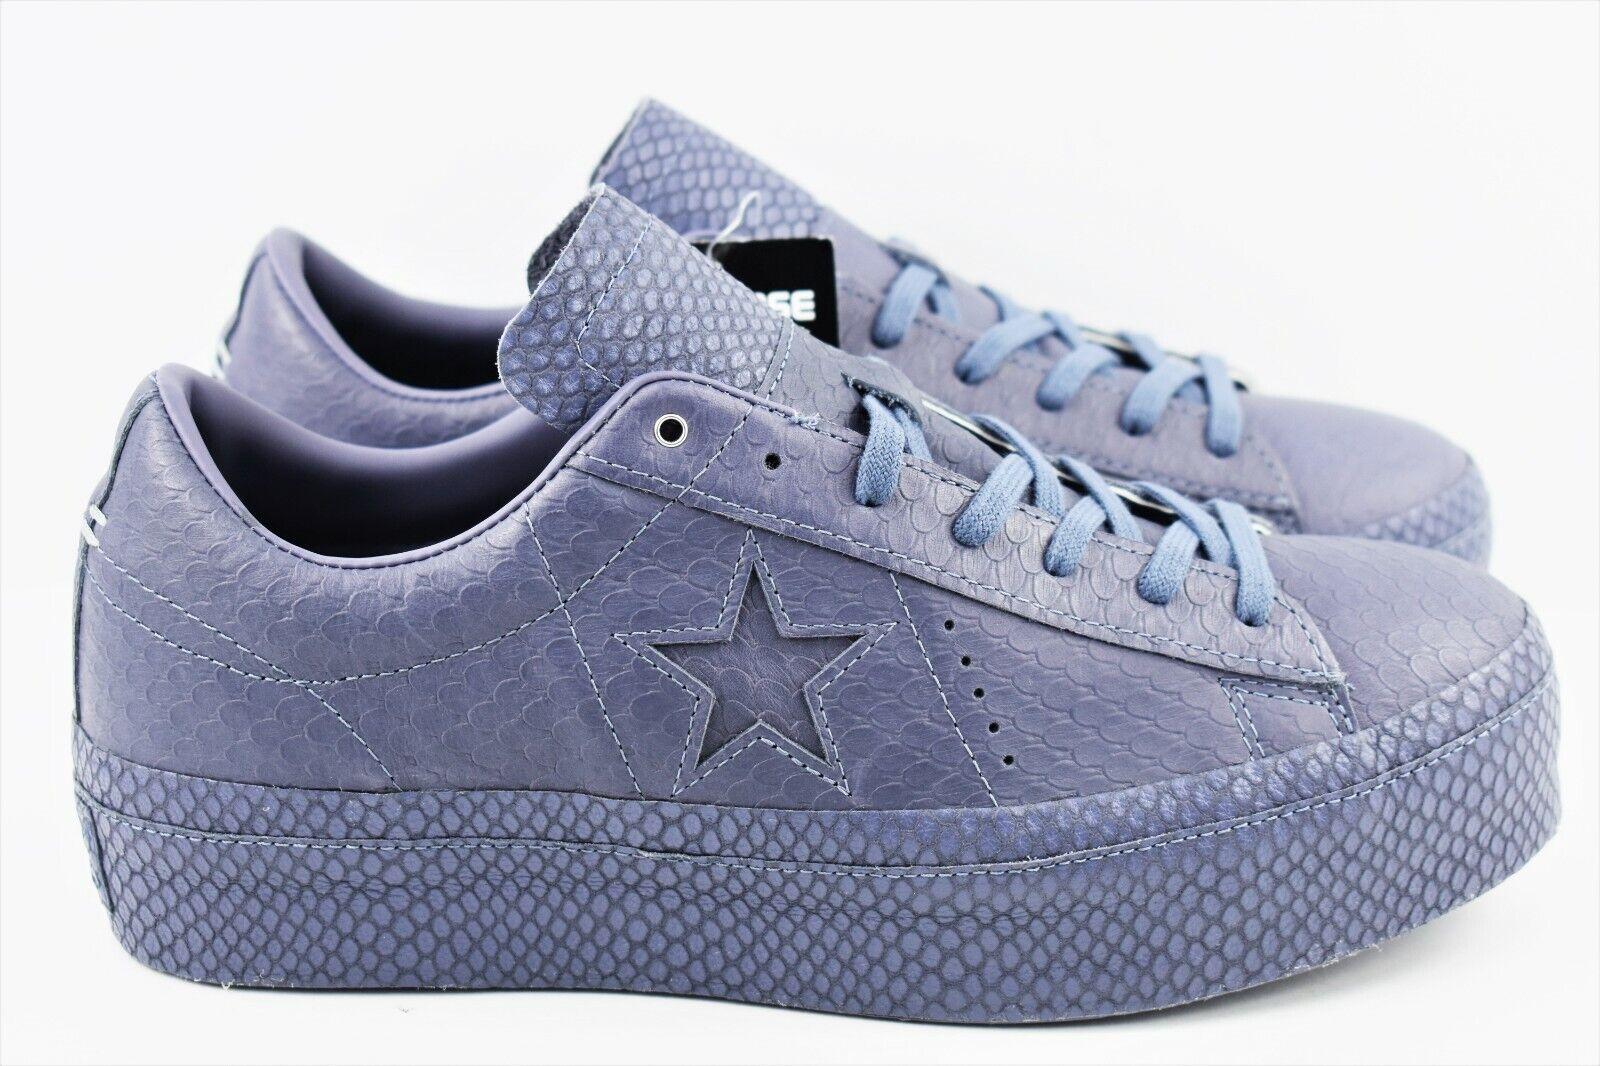 Converse One Star Buey De Plataforma Zapatos para mujer mujer mujer Talla 10 Luz Carbono 559901C Cuero  bajo precio del 40%